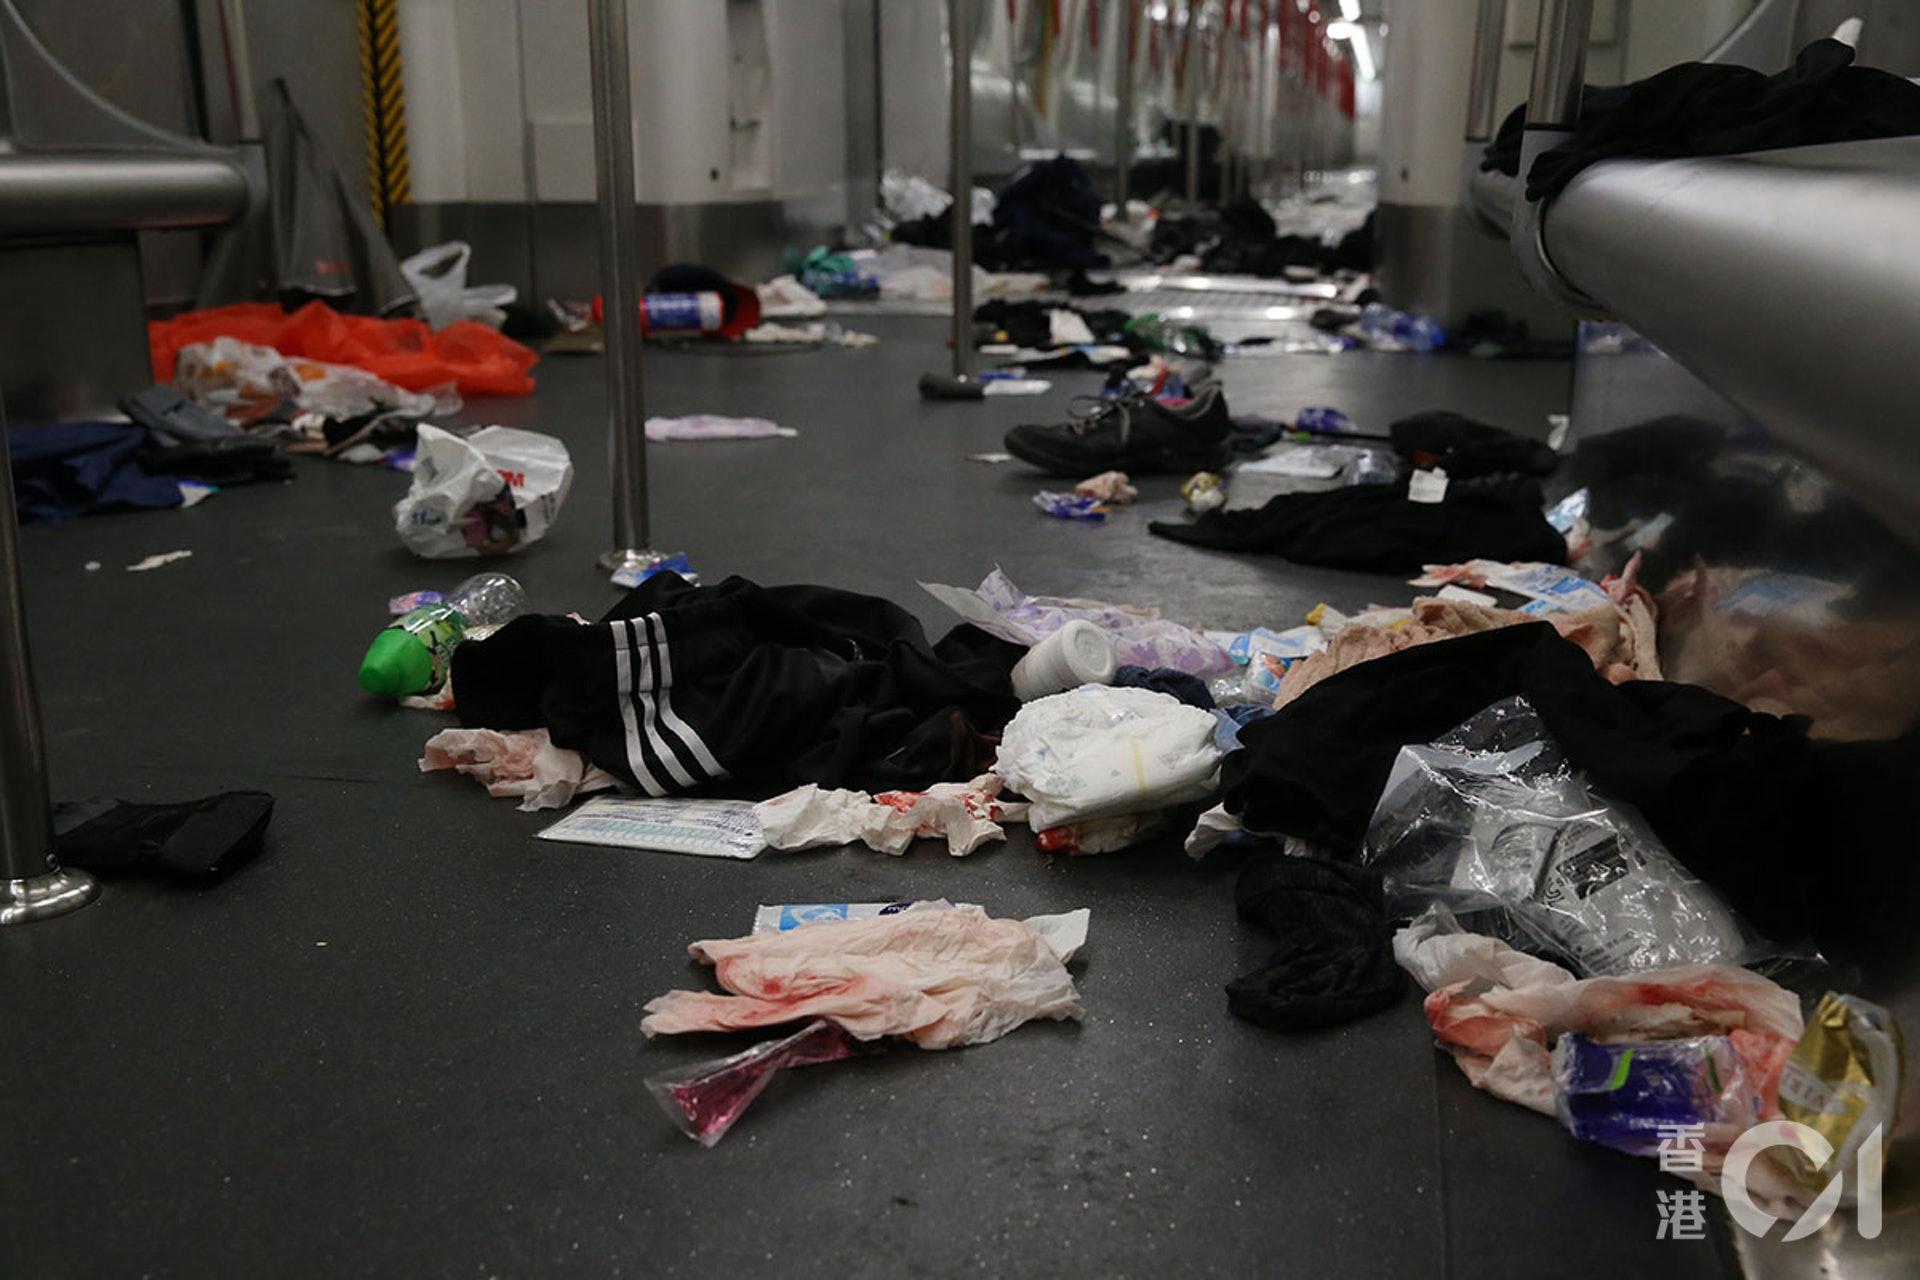 831遊行示威衝突,晚上11點,警方在太子站列車和月台內,拘捕示威者,期間在車廂內施放胡椒噴霧、揮動警棍,有人流血受傷。(蔡正邦攝)